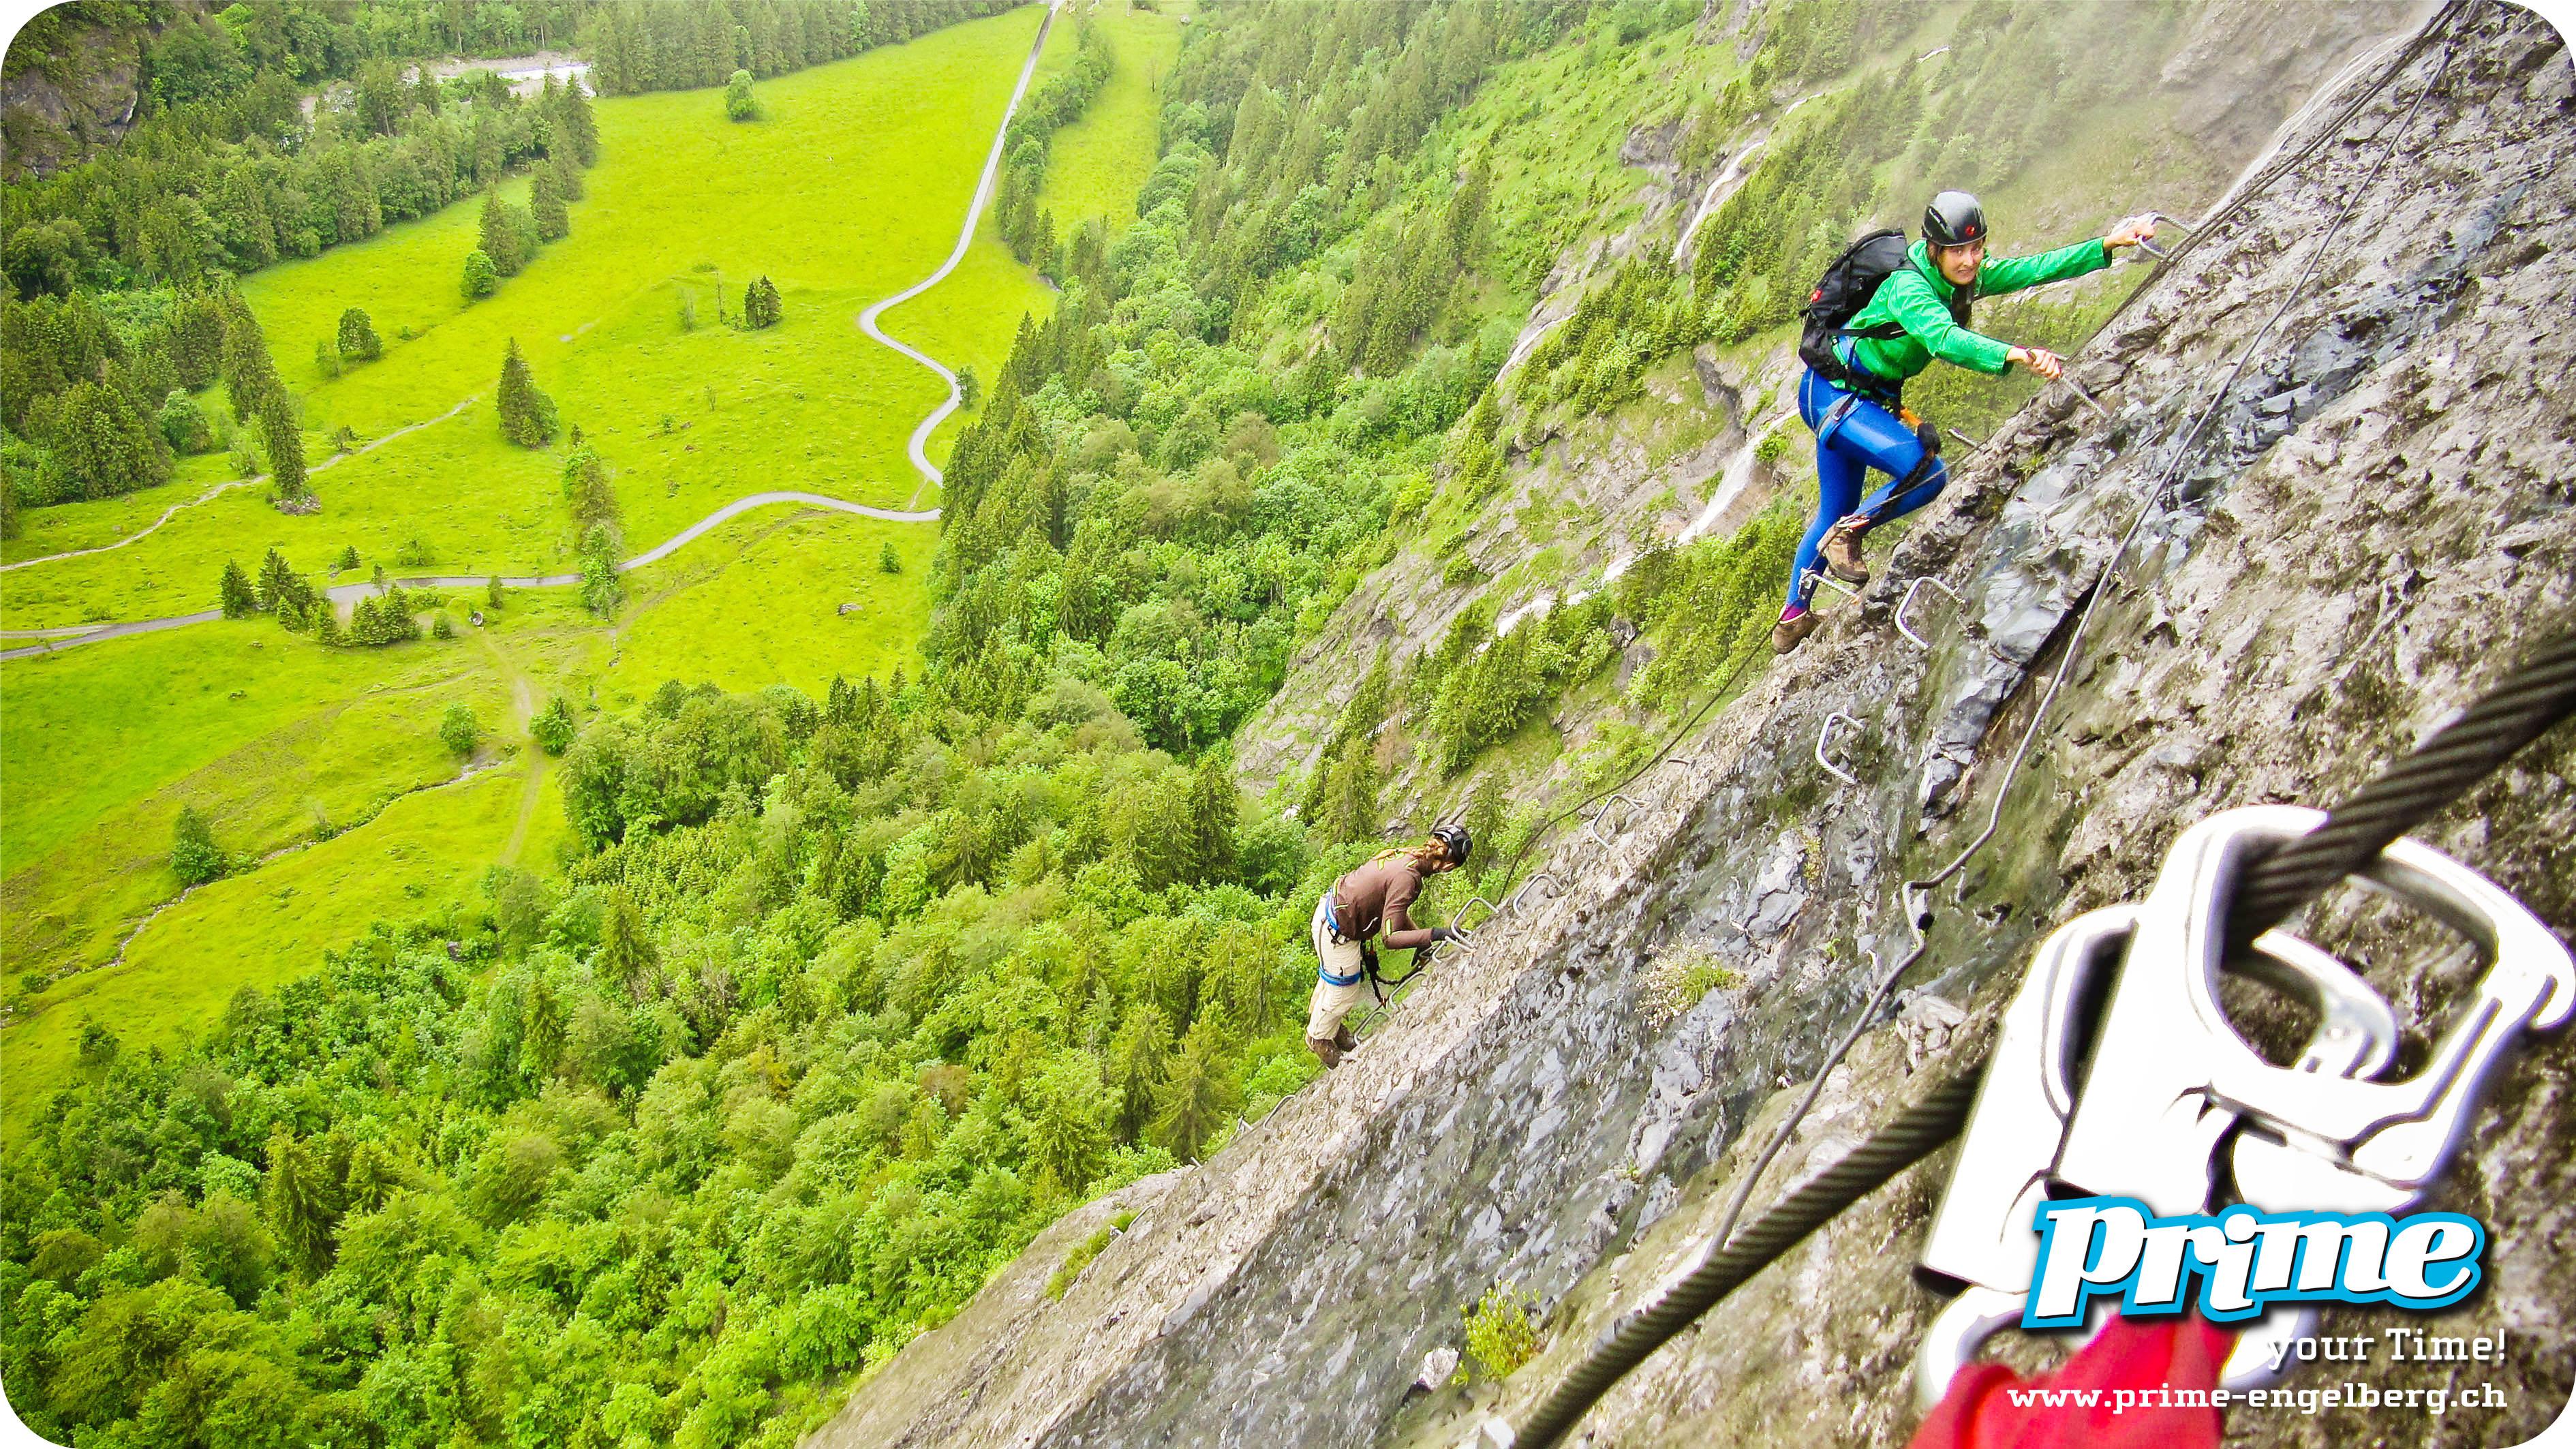 Klettersteigset Mieten Engelberg : Rock safety days u engelberg mountain guide